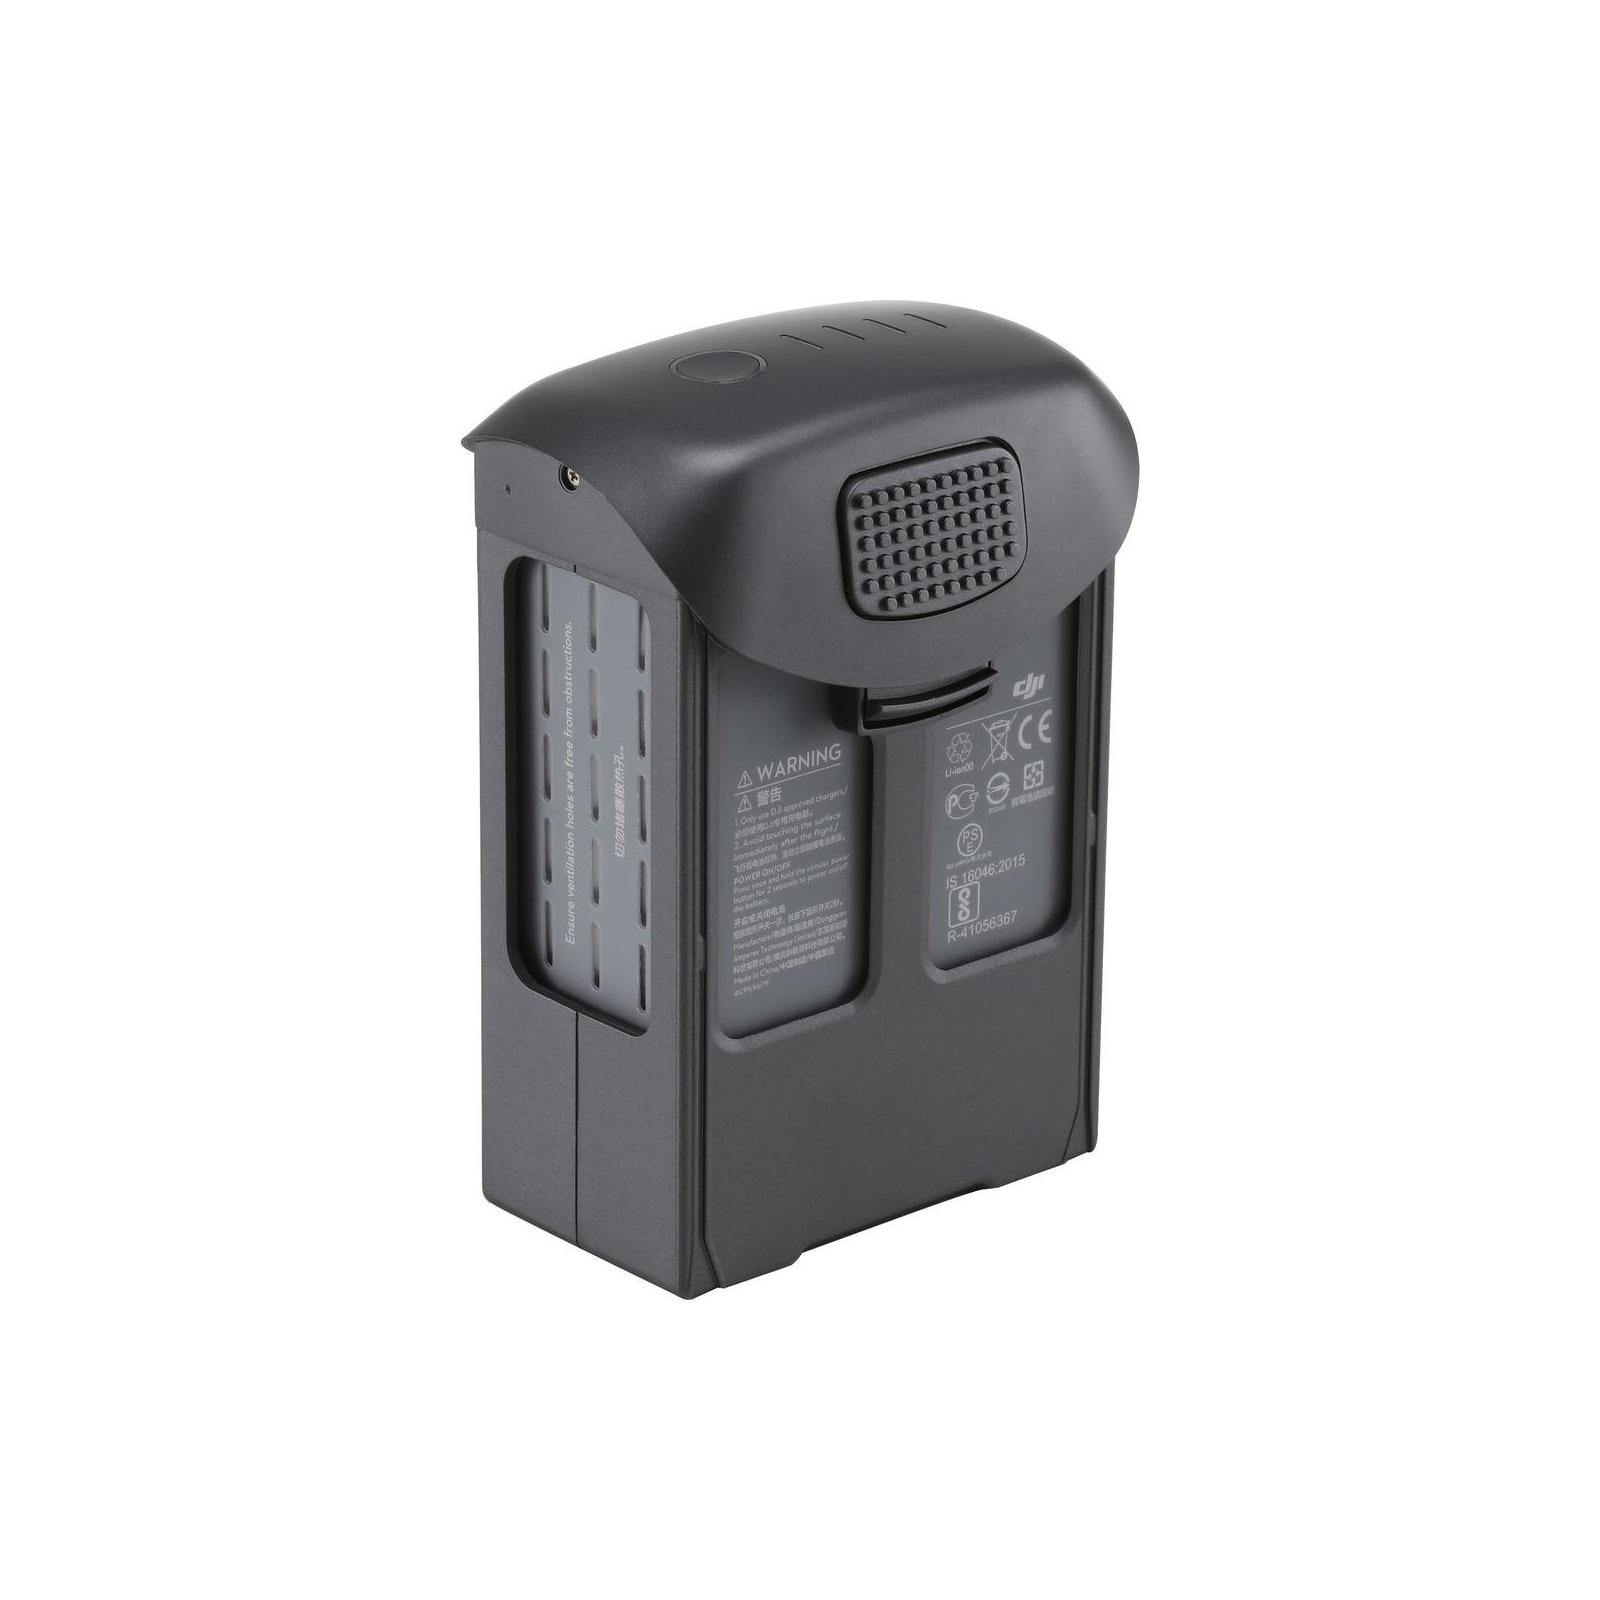 Аккумулятор для дрона DJI Phamtom 4 5870mAh (CP.PT.00000033.01) изображение 2